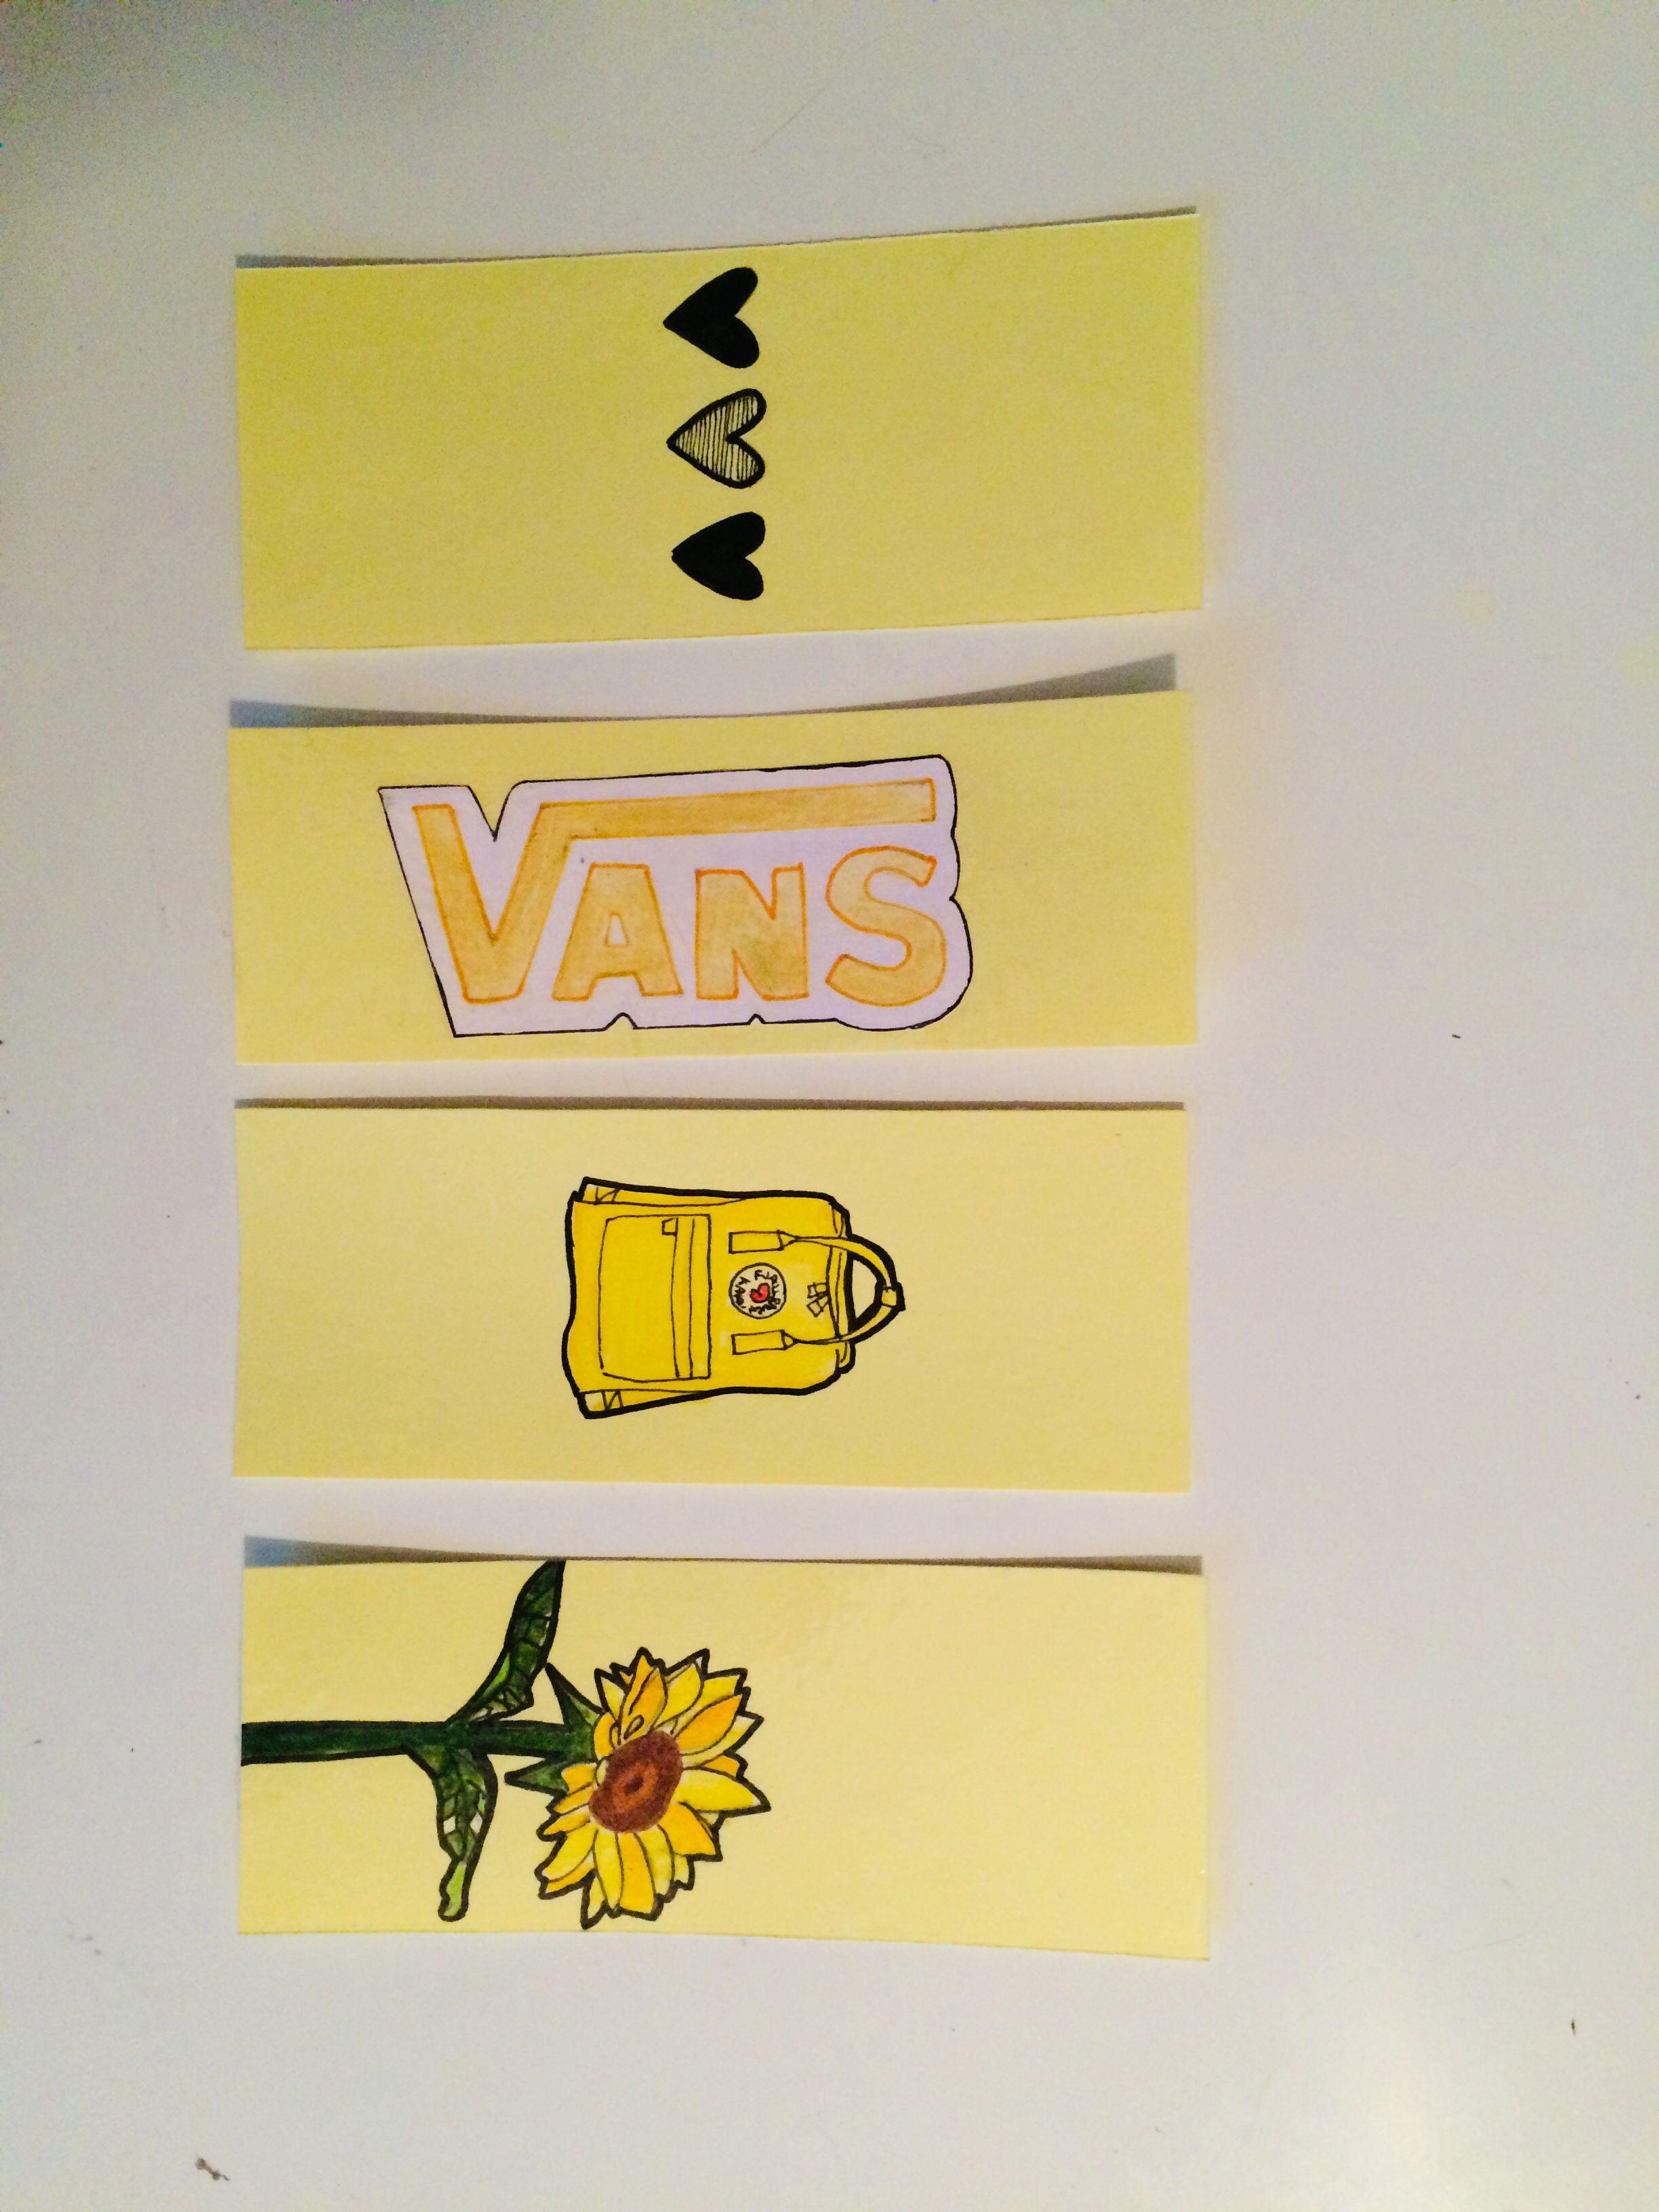 Yellow Aesthetic Bookmarks Bookmarks Diy Art Yellow Aesthetic